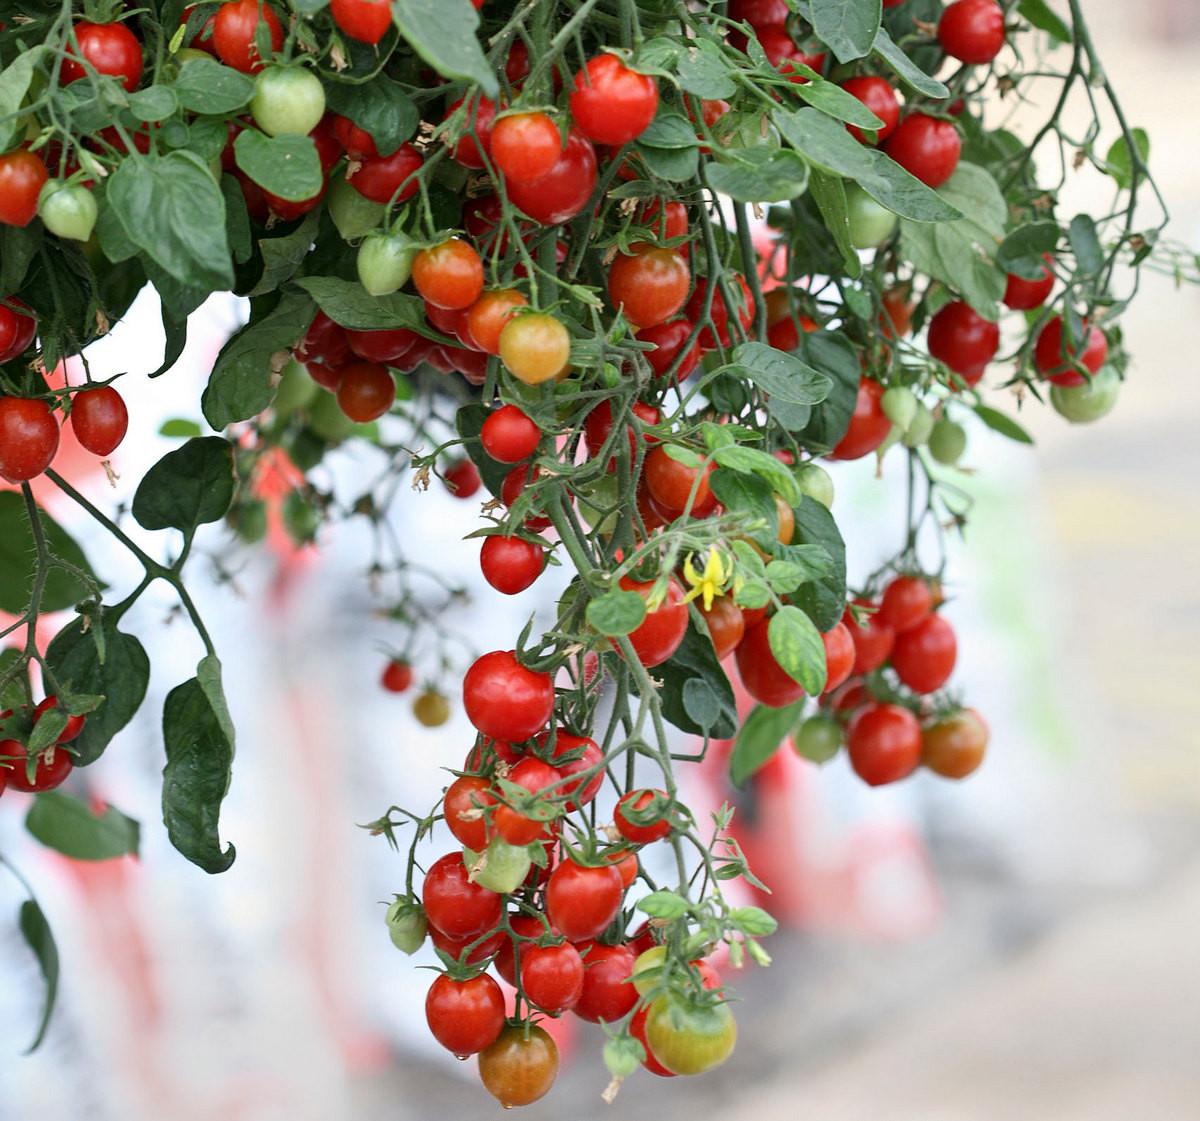 ampelnye-tomaty-foto-opisanie-sortov-lichnyj-opyt-vyrashhivaniya-4